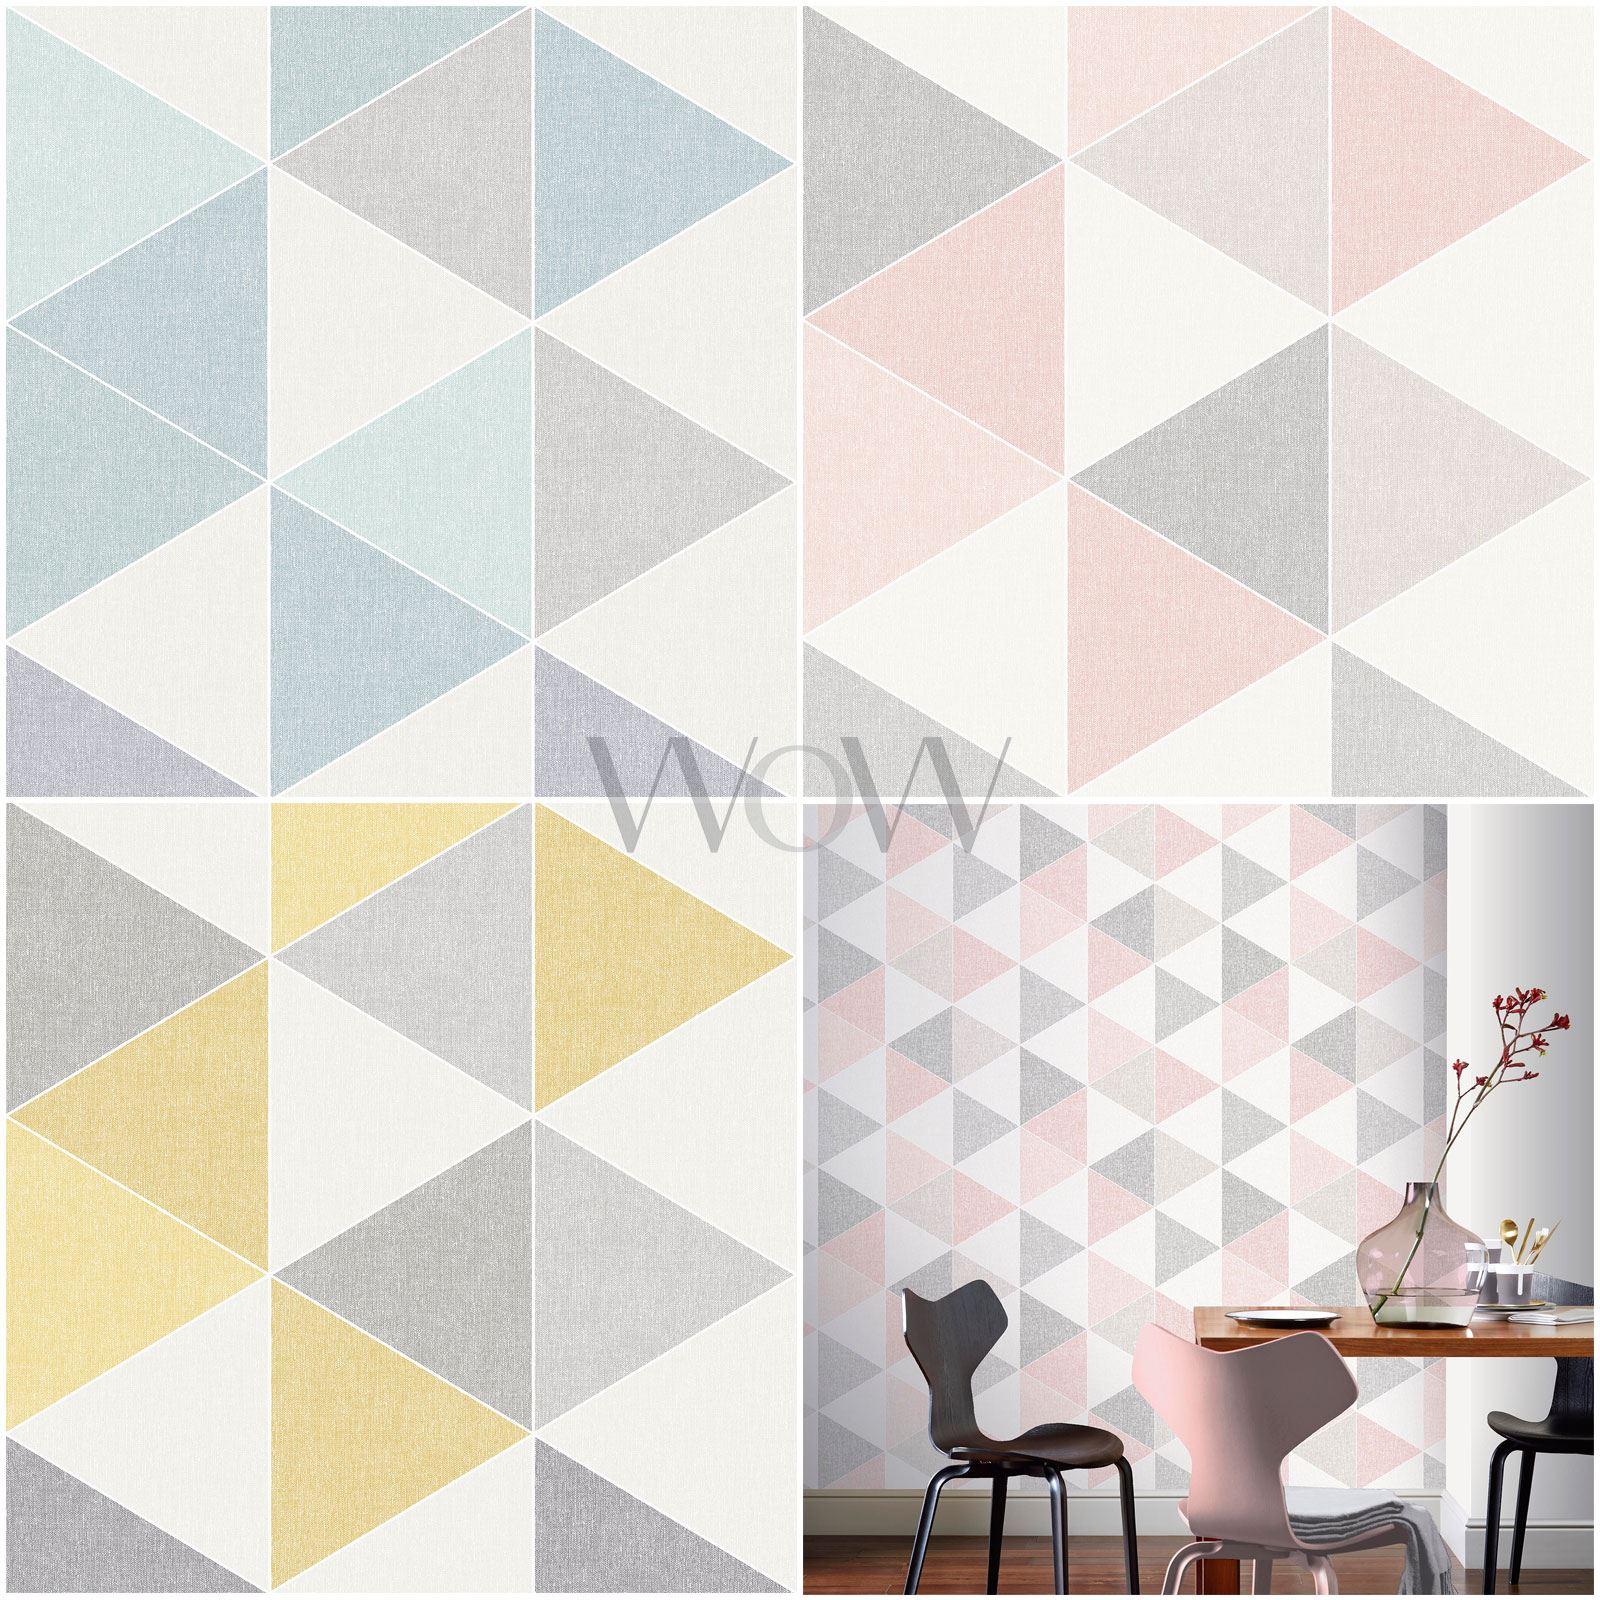 Carta Da Parati Geometrica.Arthouse Scandi Triangolo Carta Da Parati Geometrica Colori